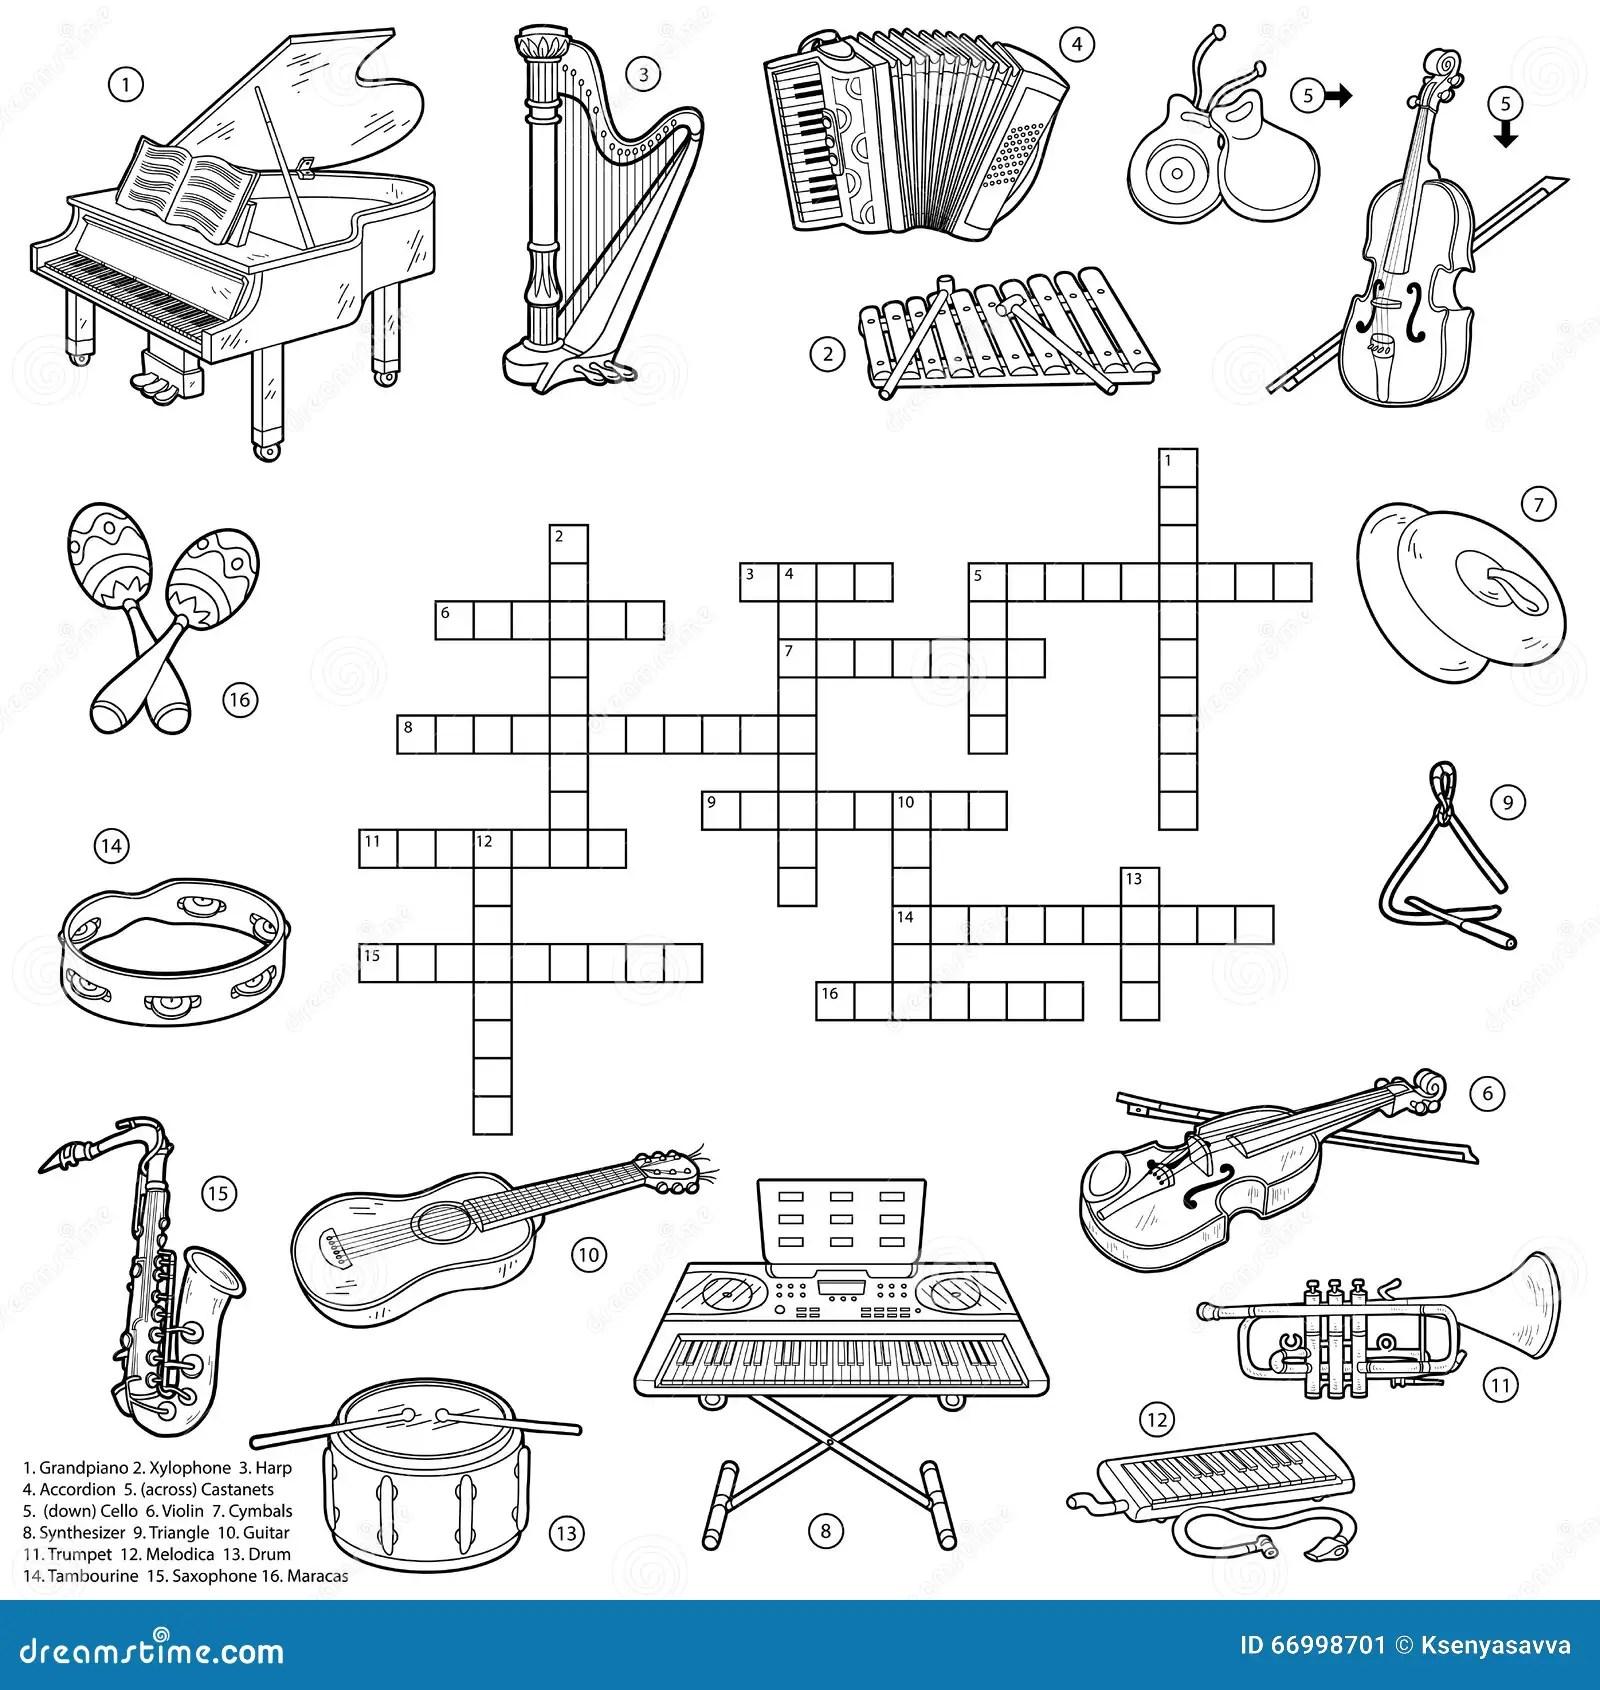 Mots Croise Sans Couleur Au Sujet Des Instruments De